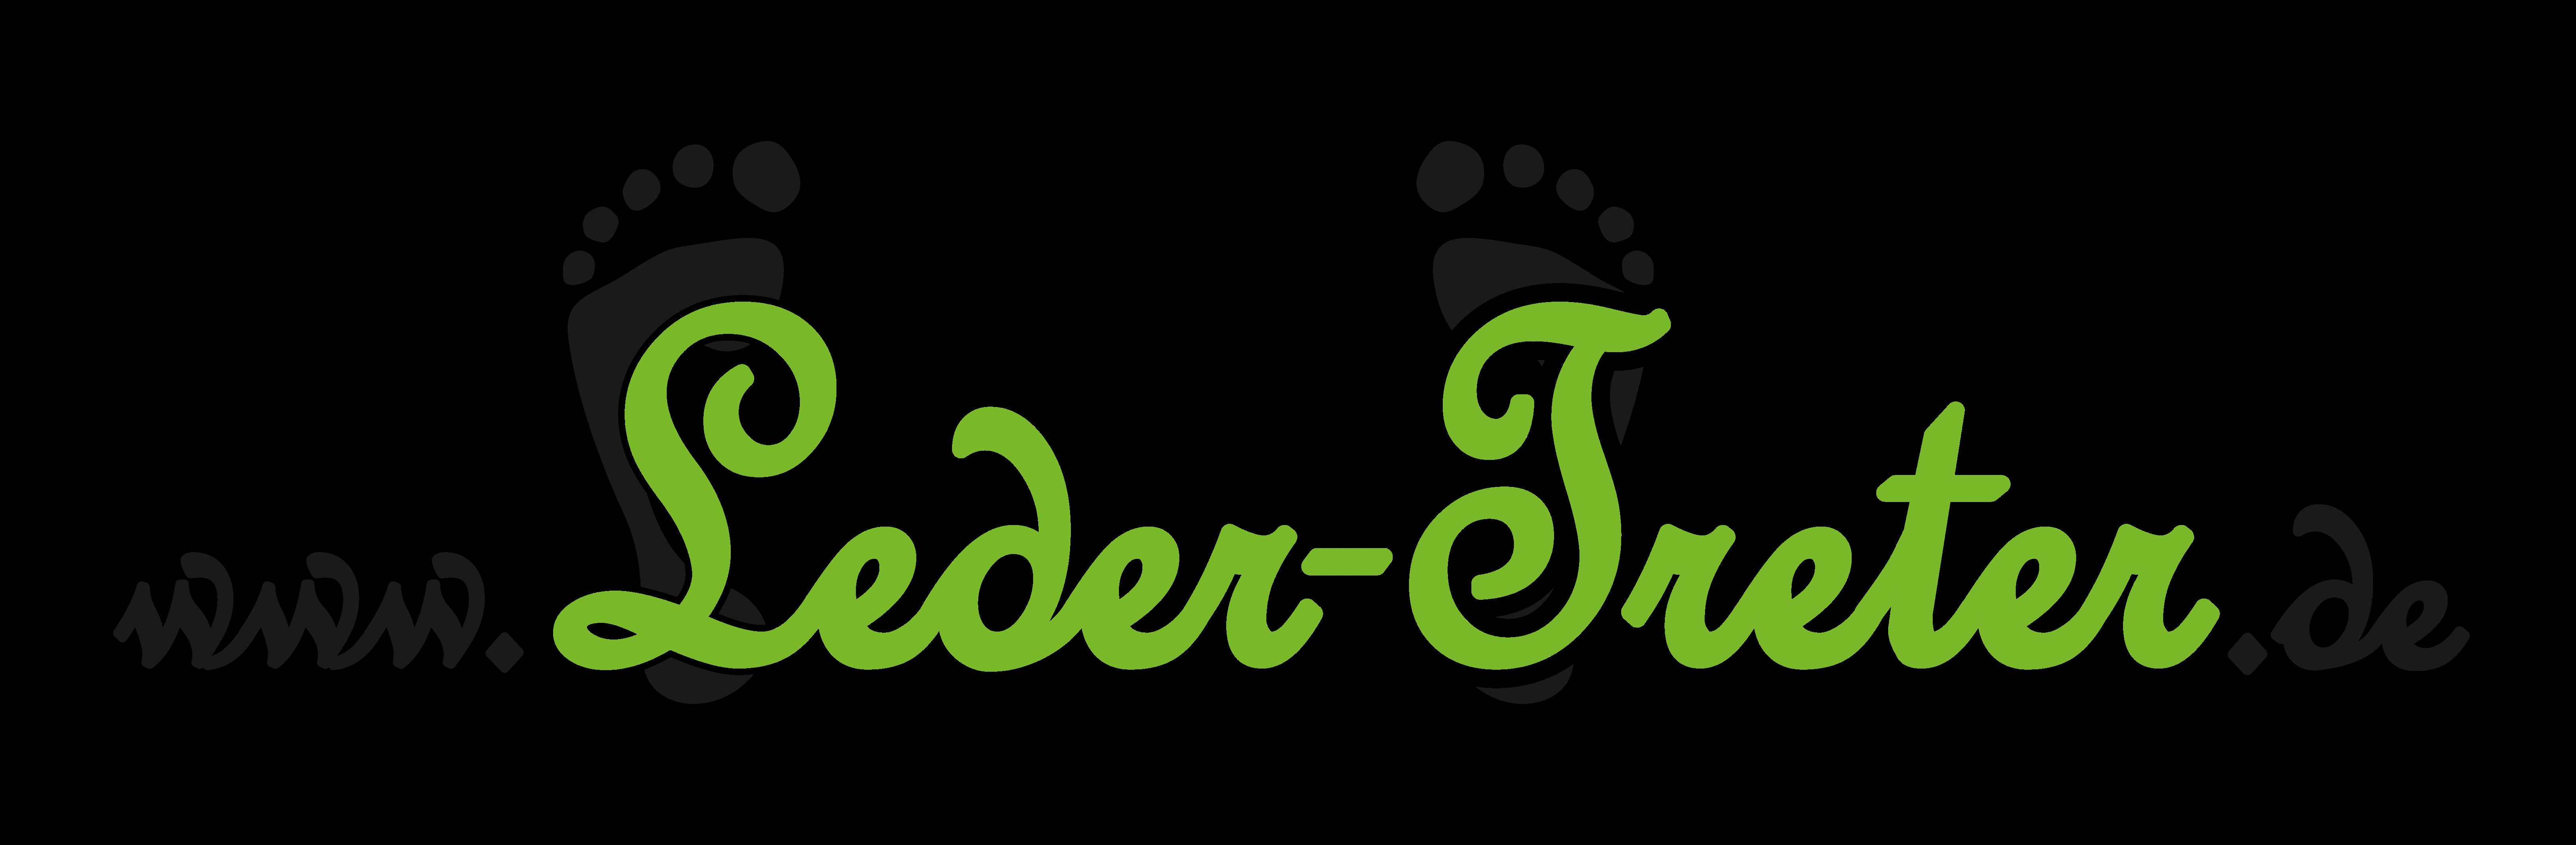 Leder Treter Onlineshop